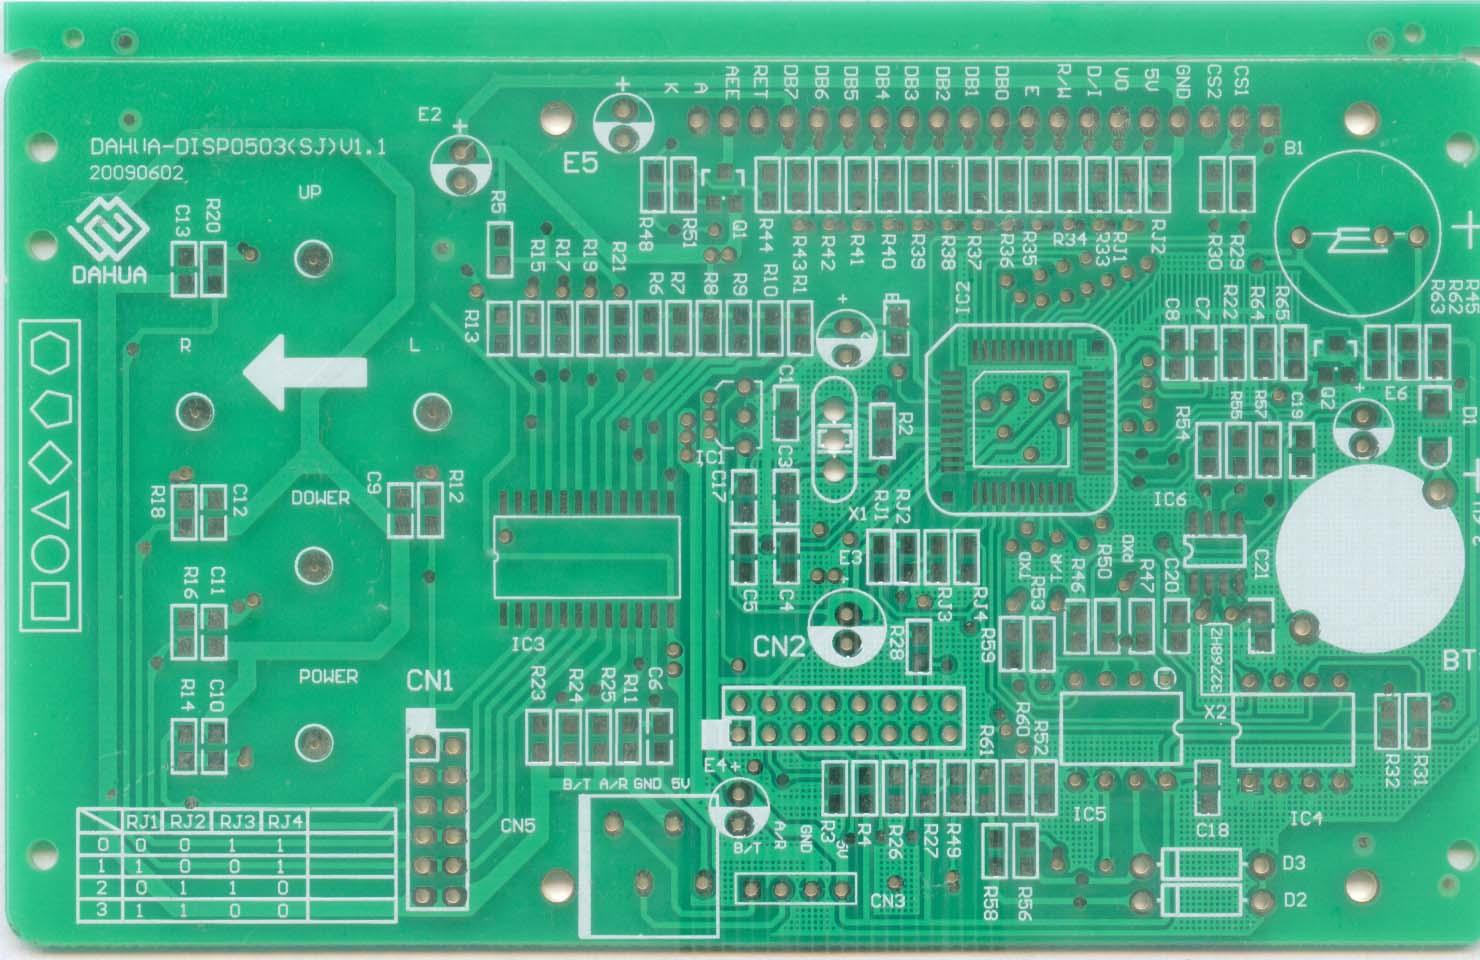 首页 线路板电路板pcb板生产厂家 线路板电路板pcb板生产厂家图片